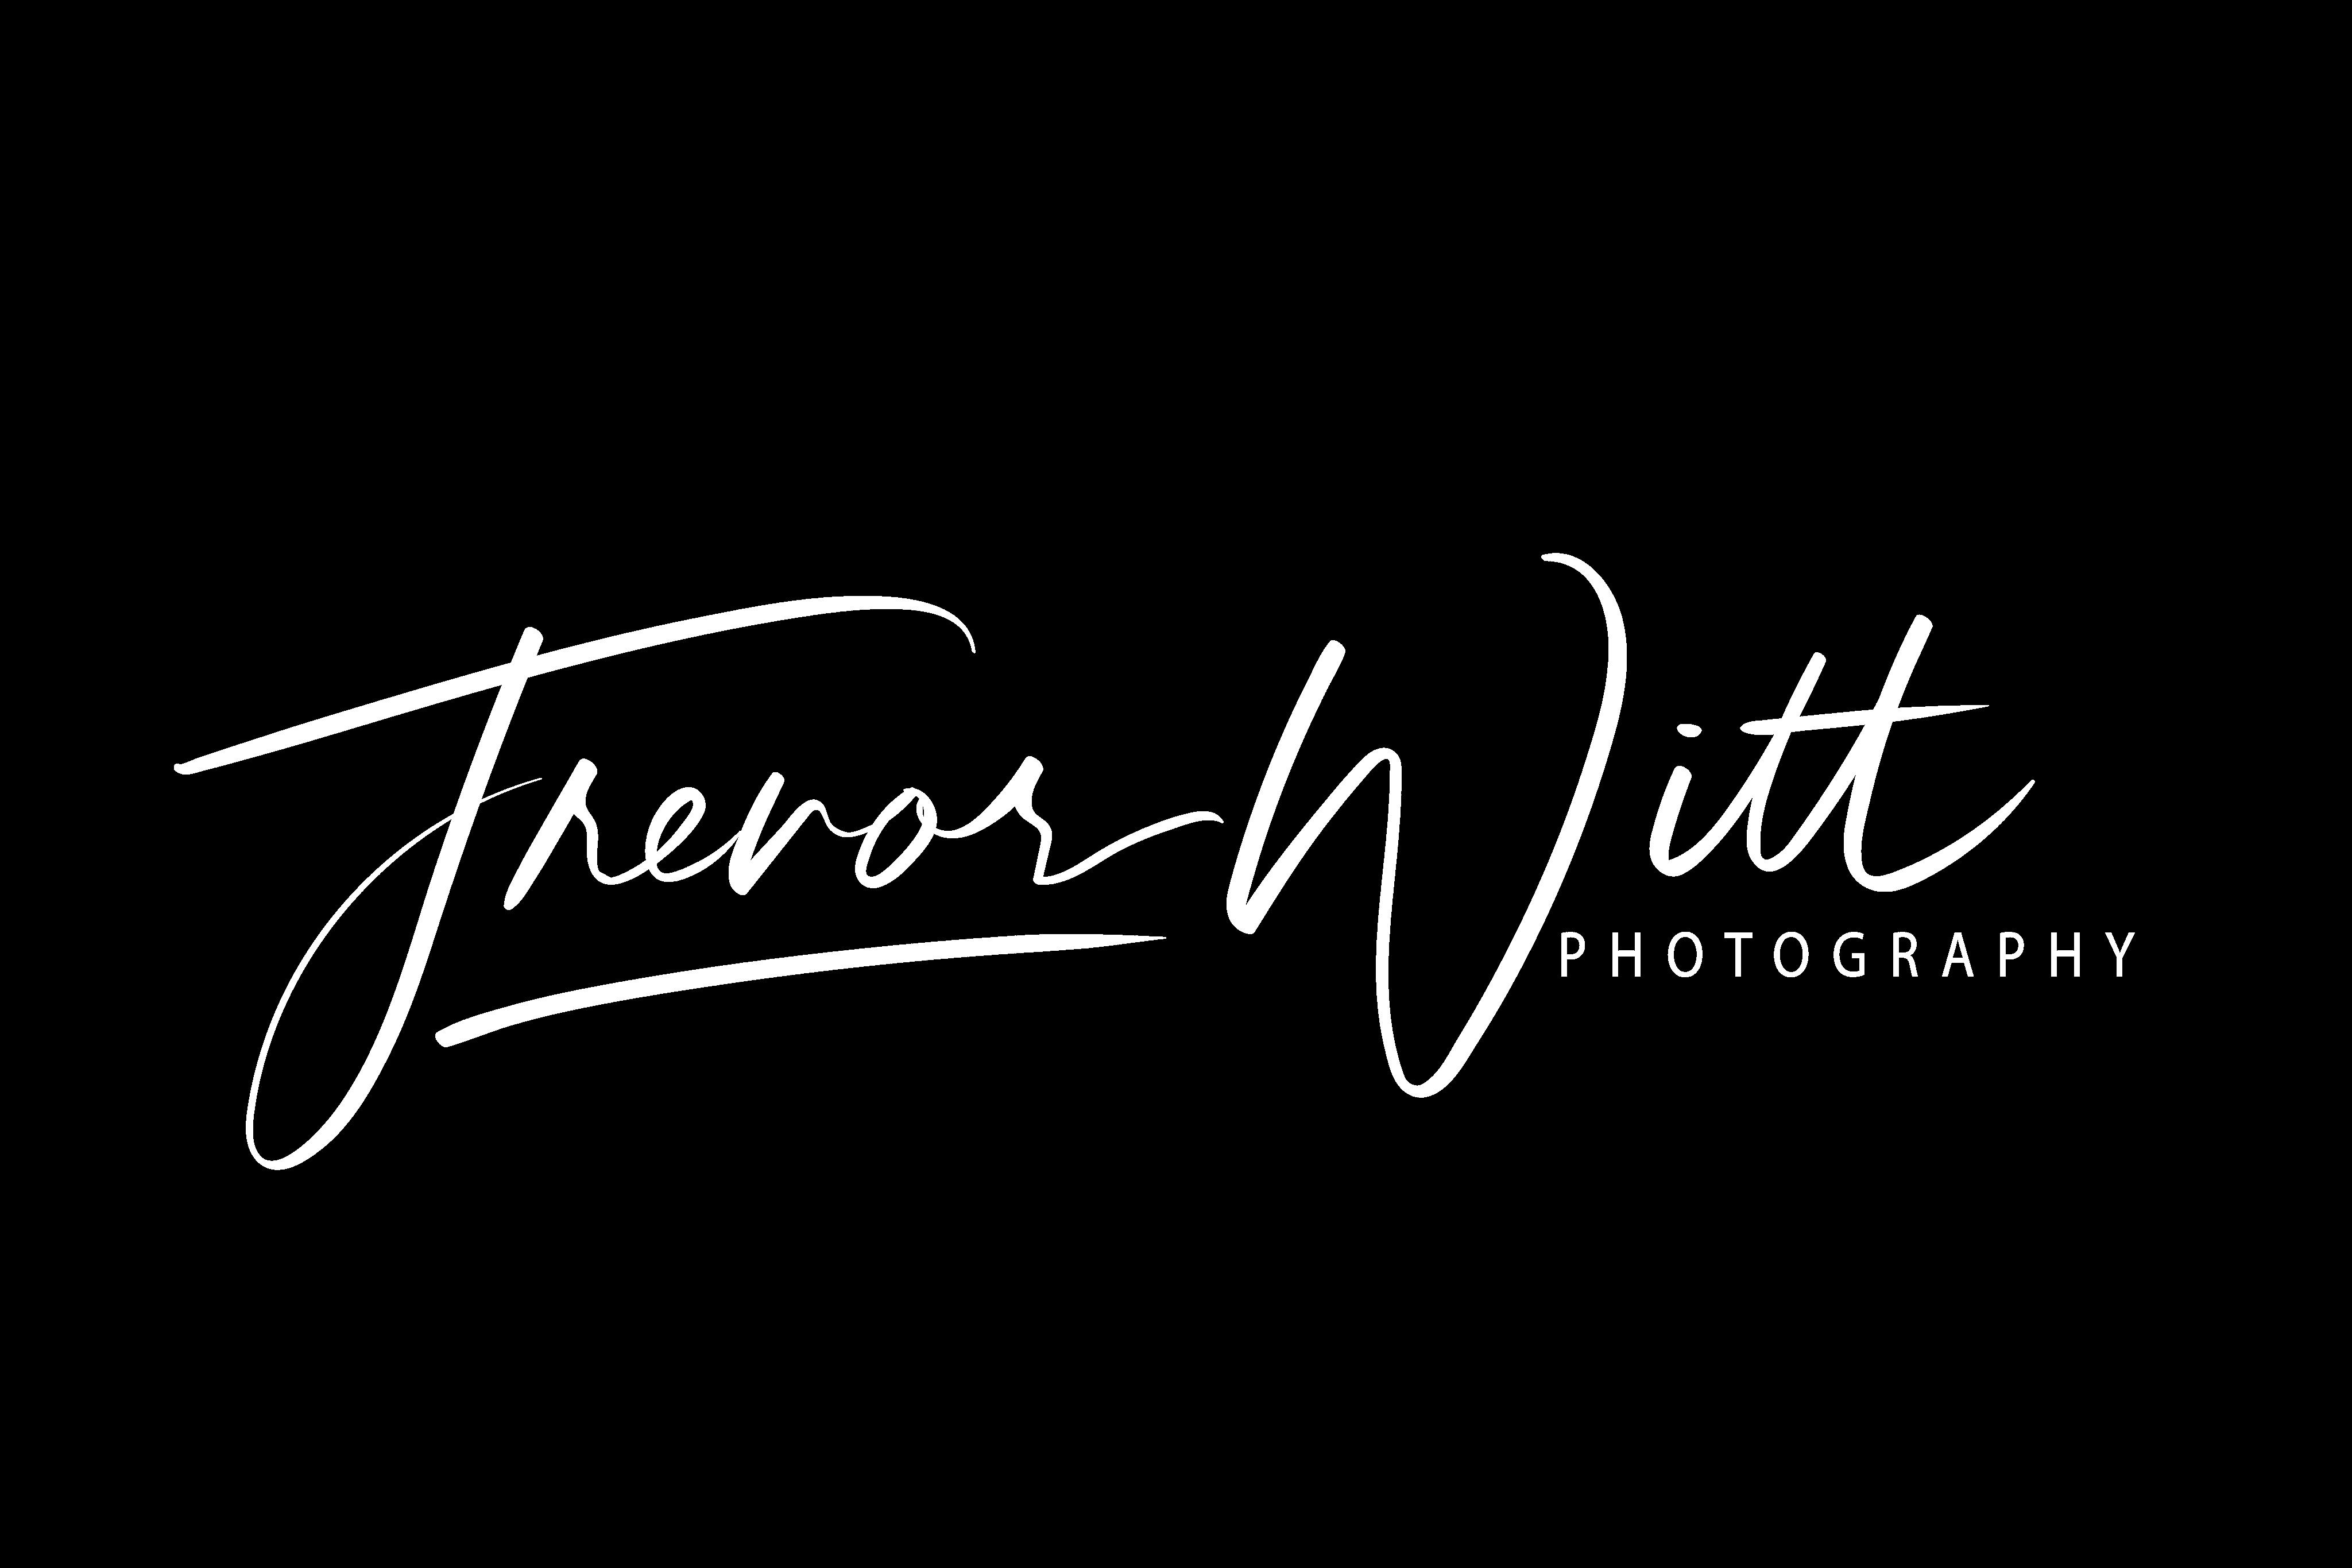 Trevor Witt